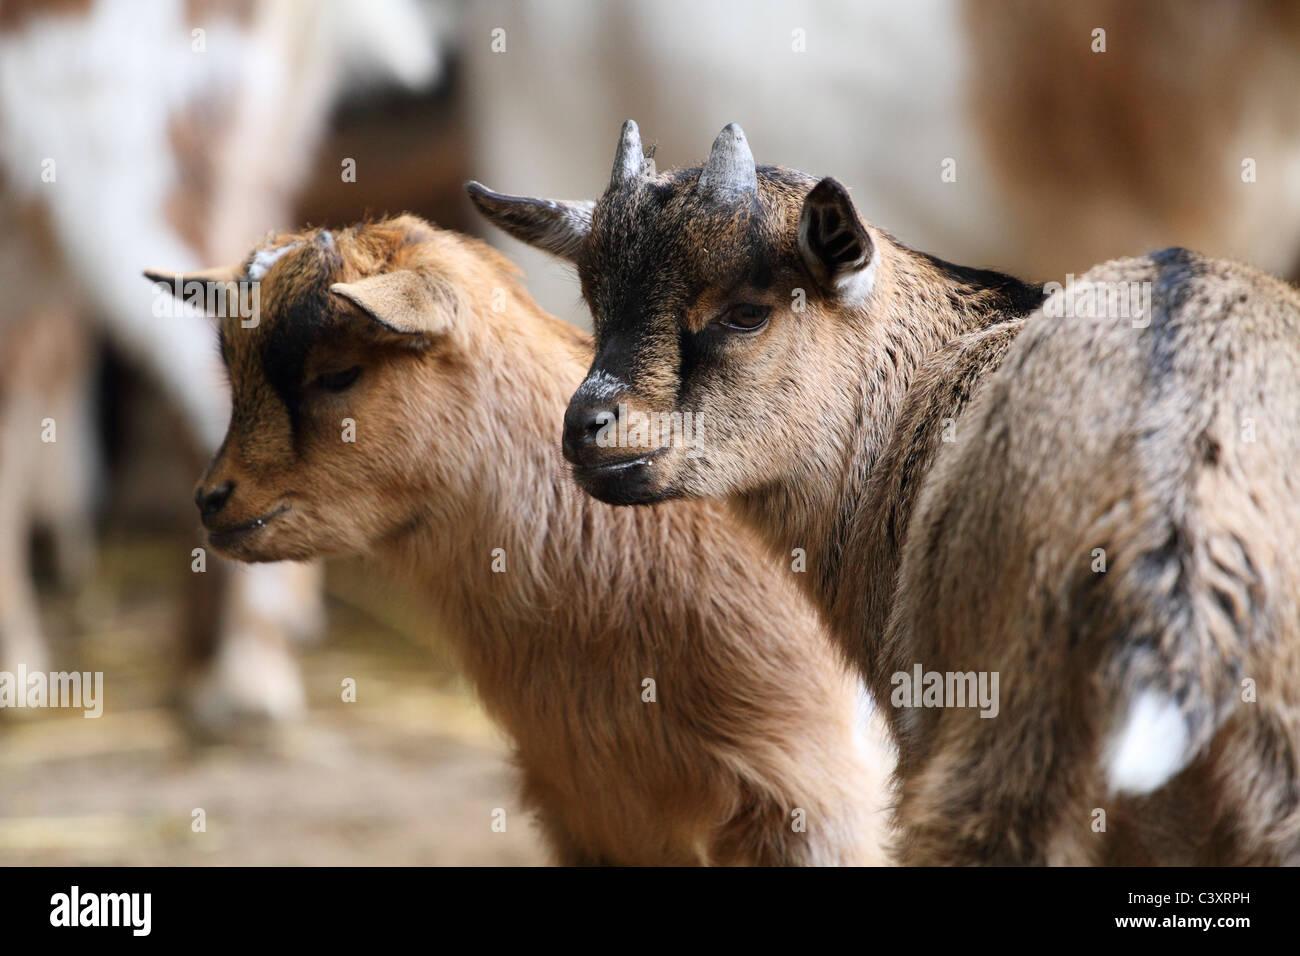 Zwei junge Ziegen zusammenstehen. Stockbild